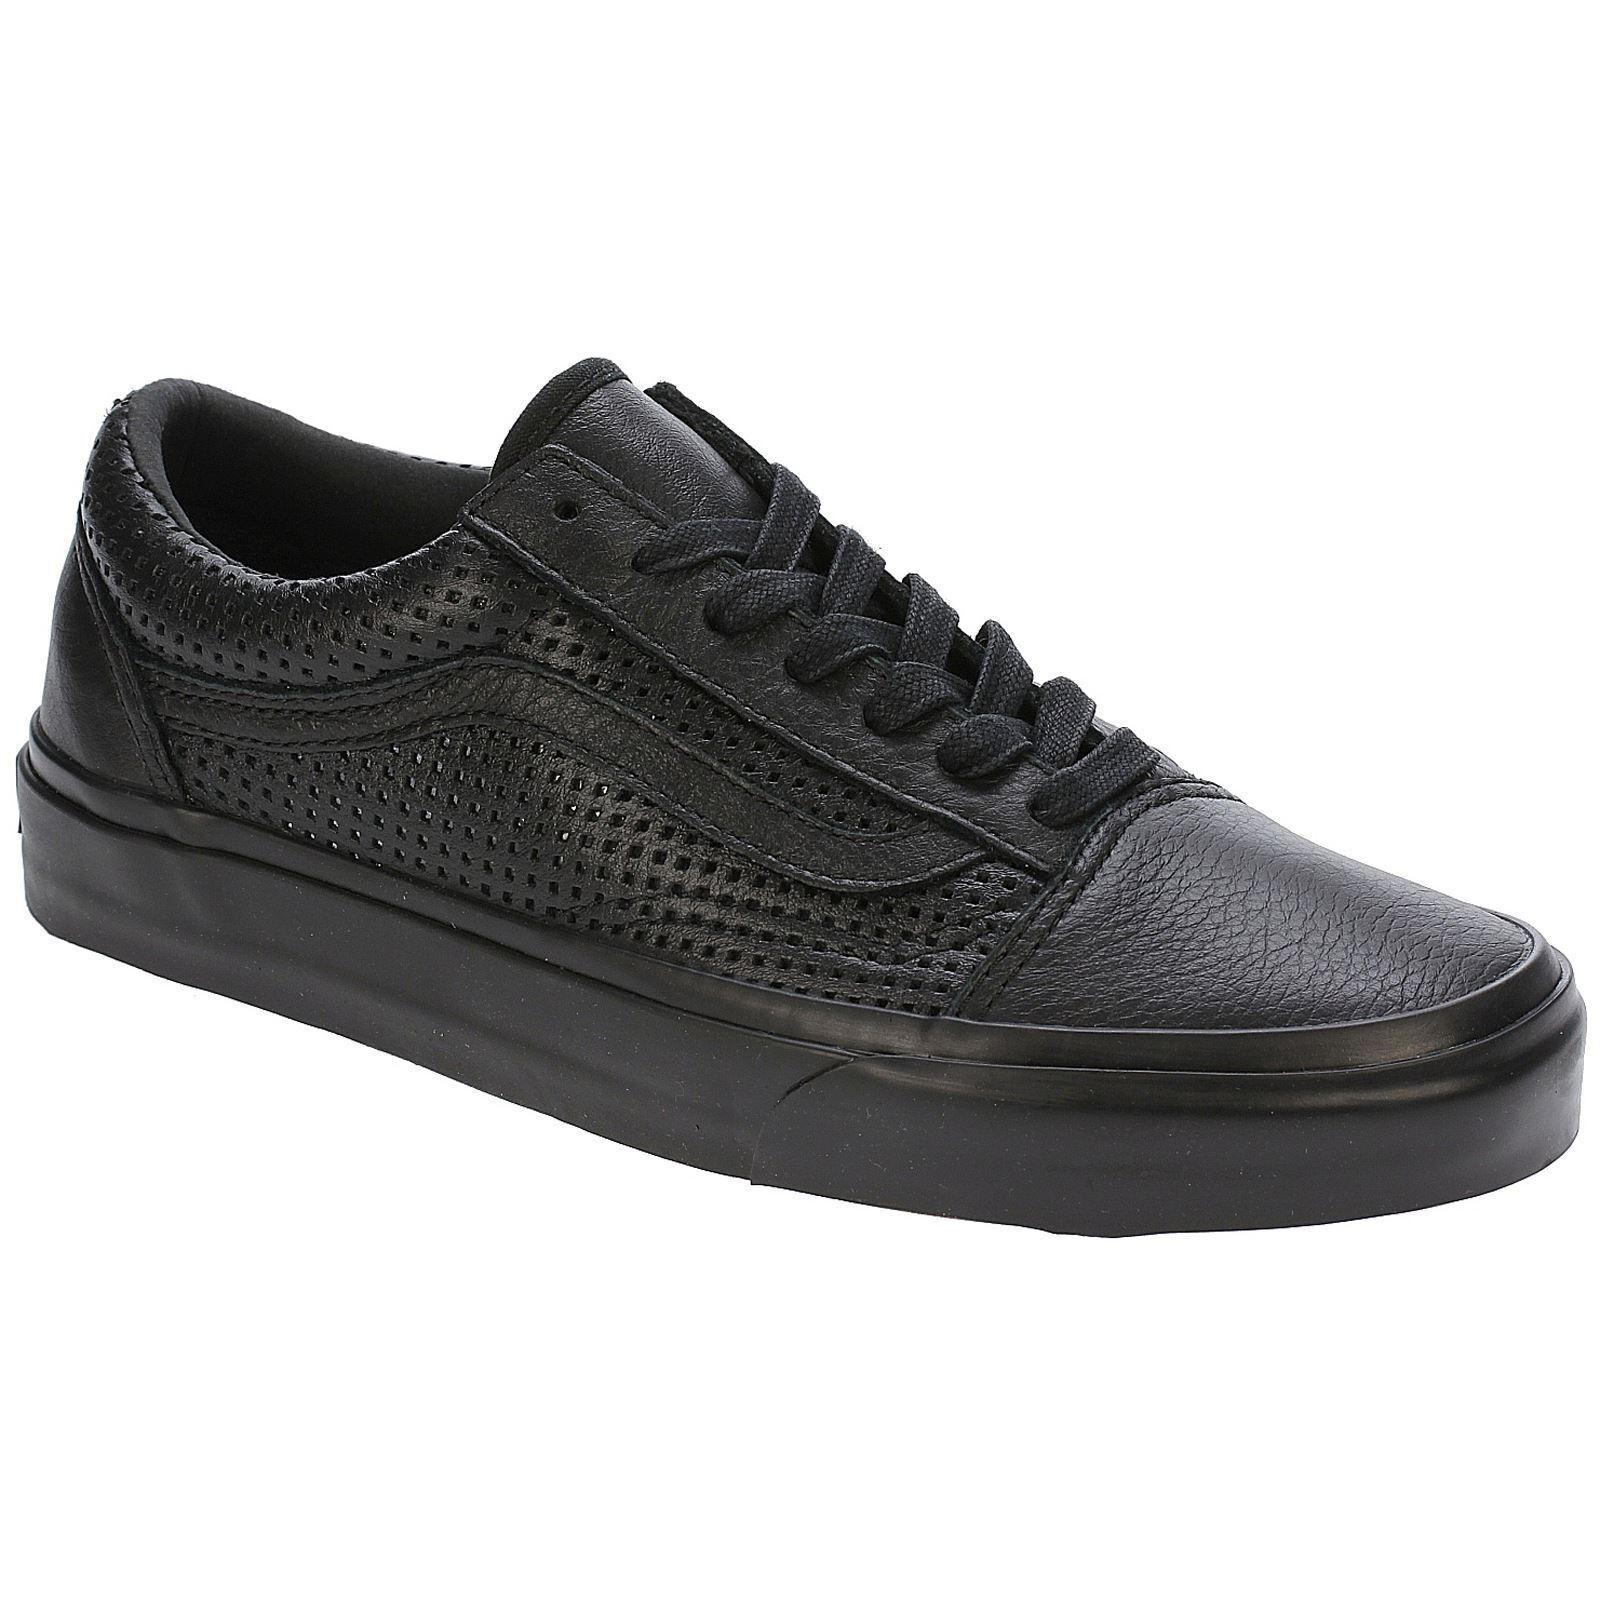 Vans square perf Old Skool DX Negro de cuero para mujer Zapatillas Tenis Zapatos Con Cordones